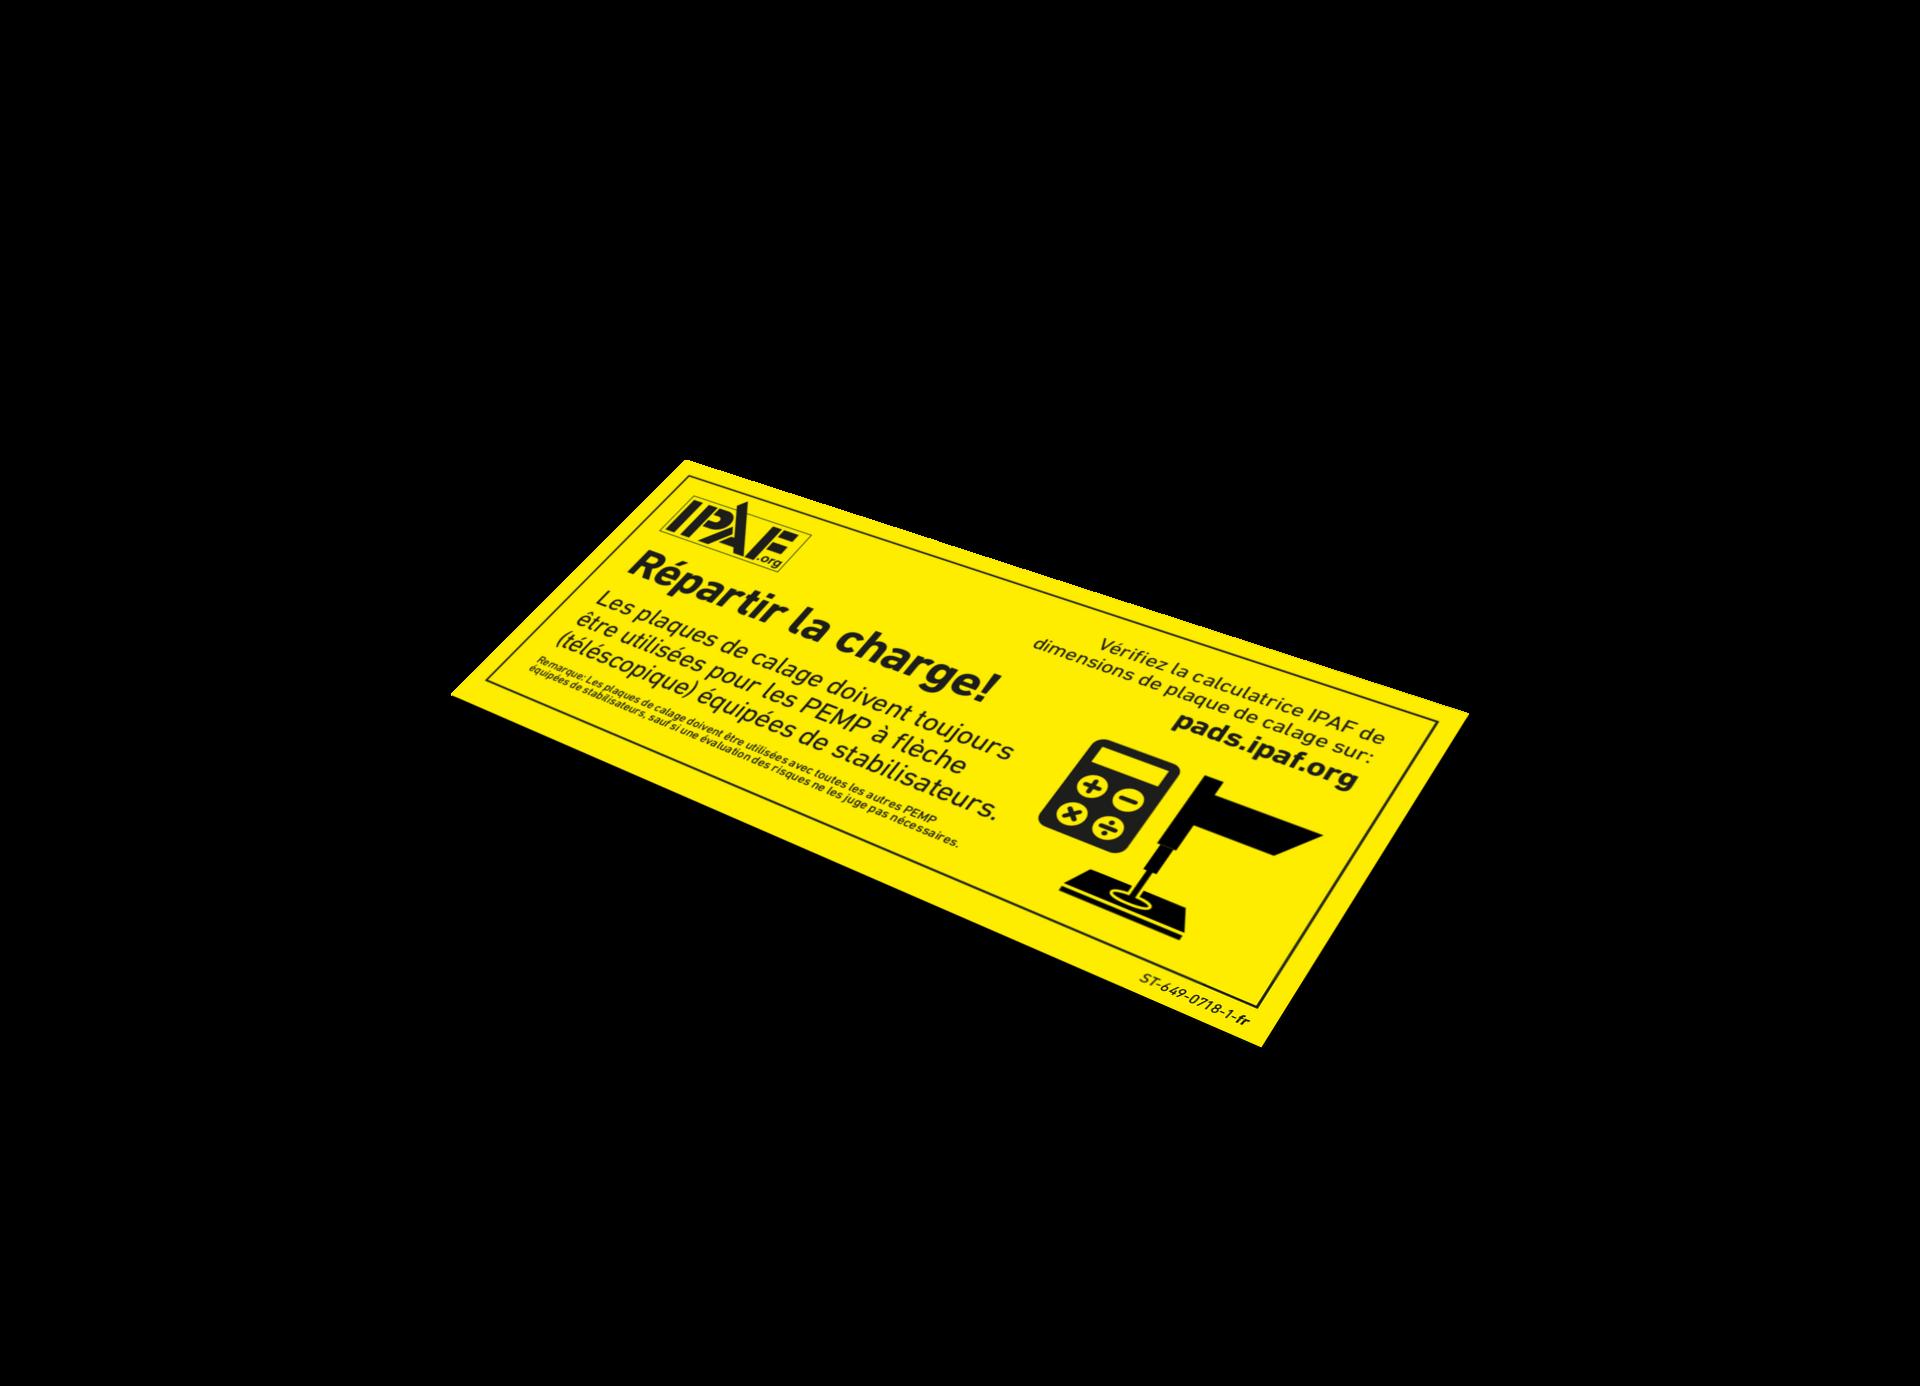 Sticker Verteile die Last! Sticker - Französisch - Verteile die Last! Verwenden Sie immer Unterlegplatten